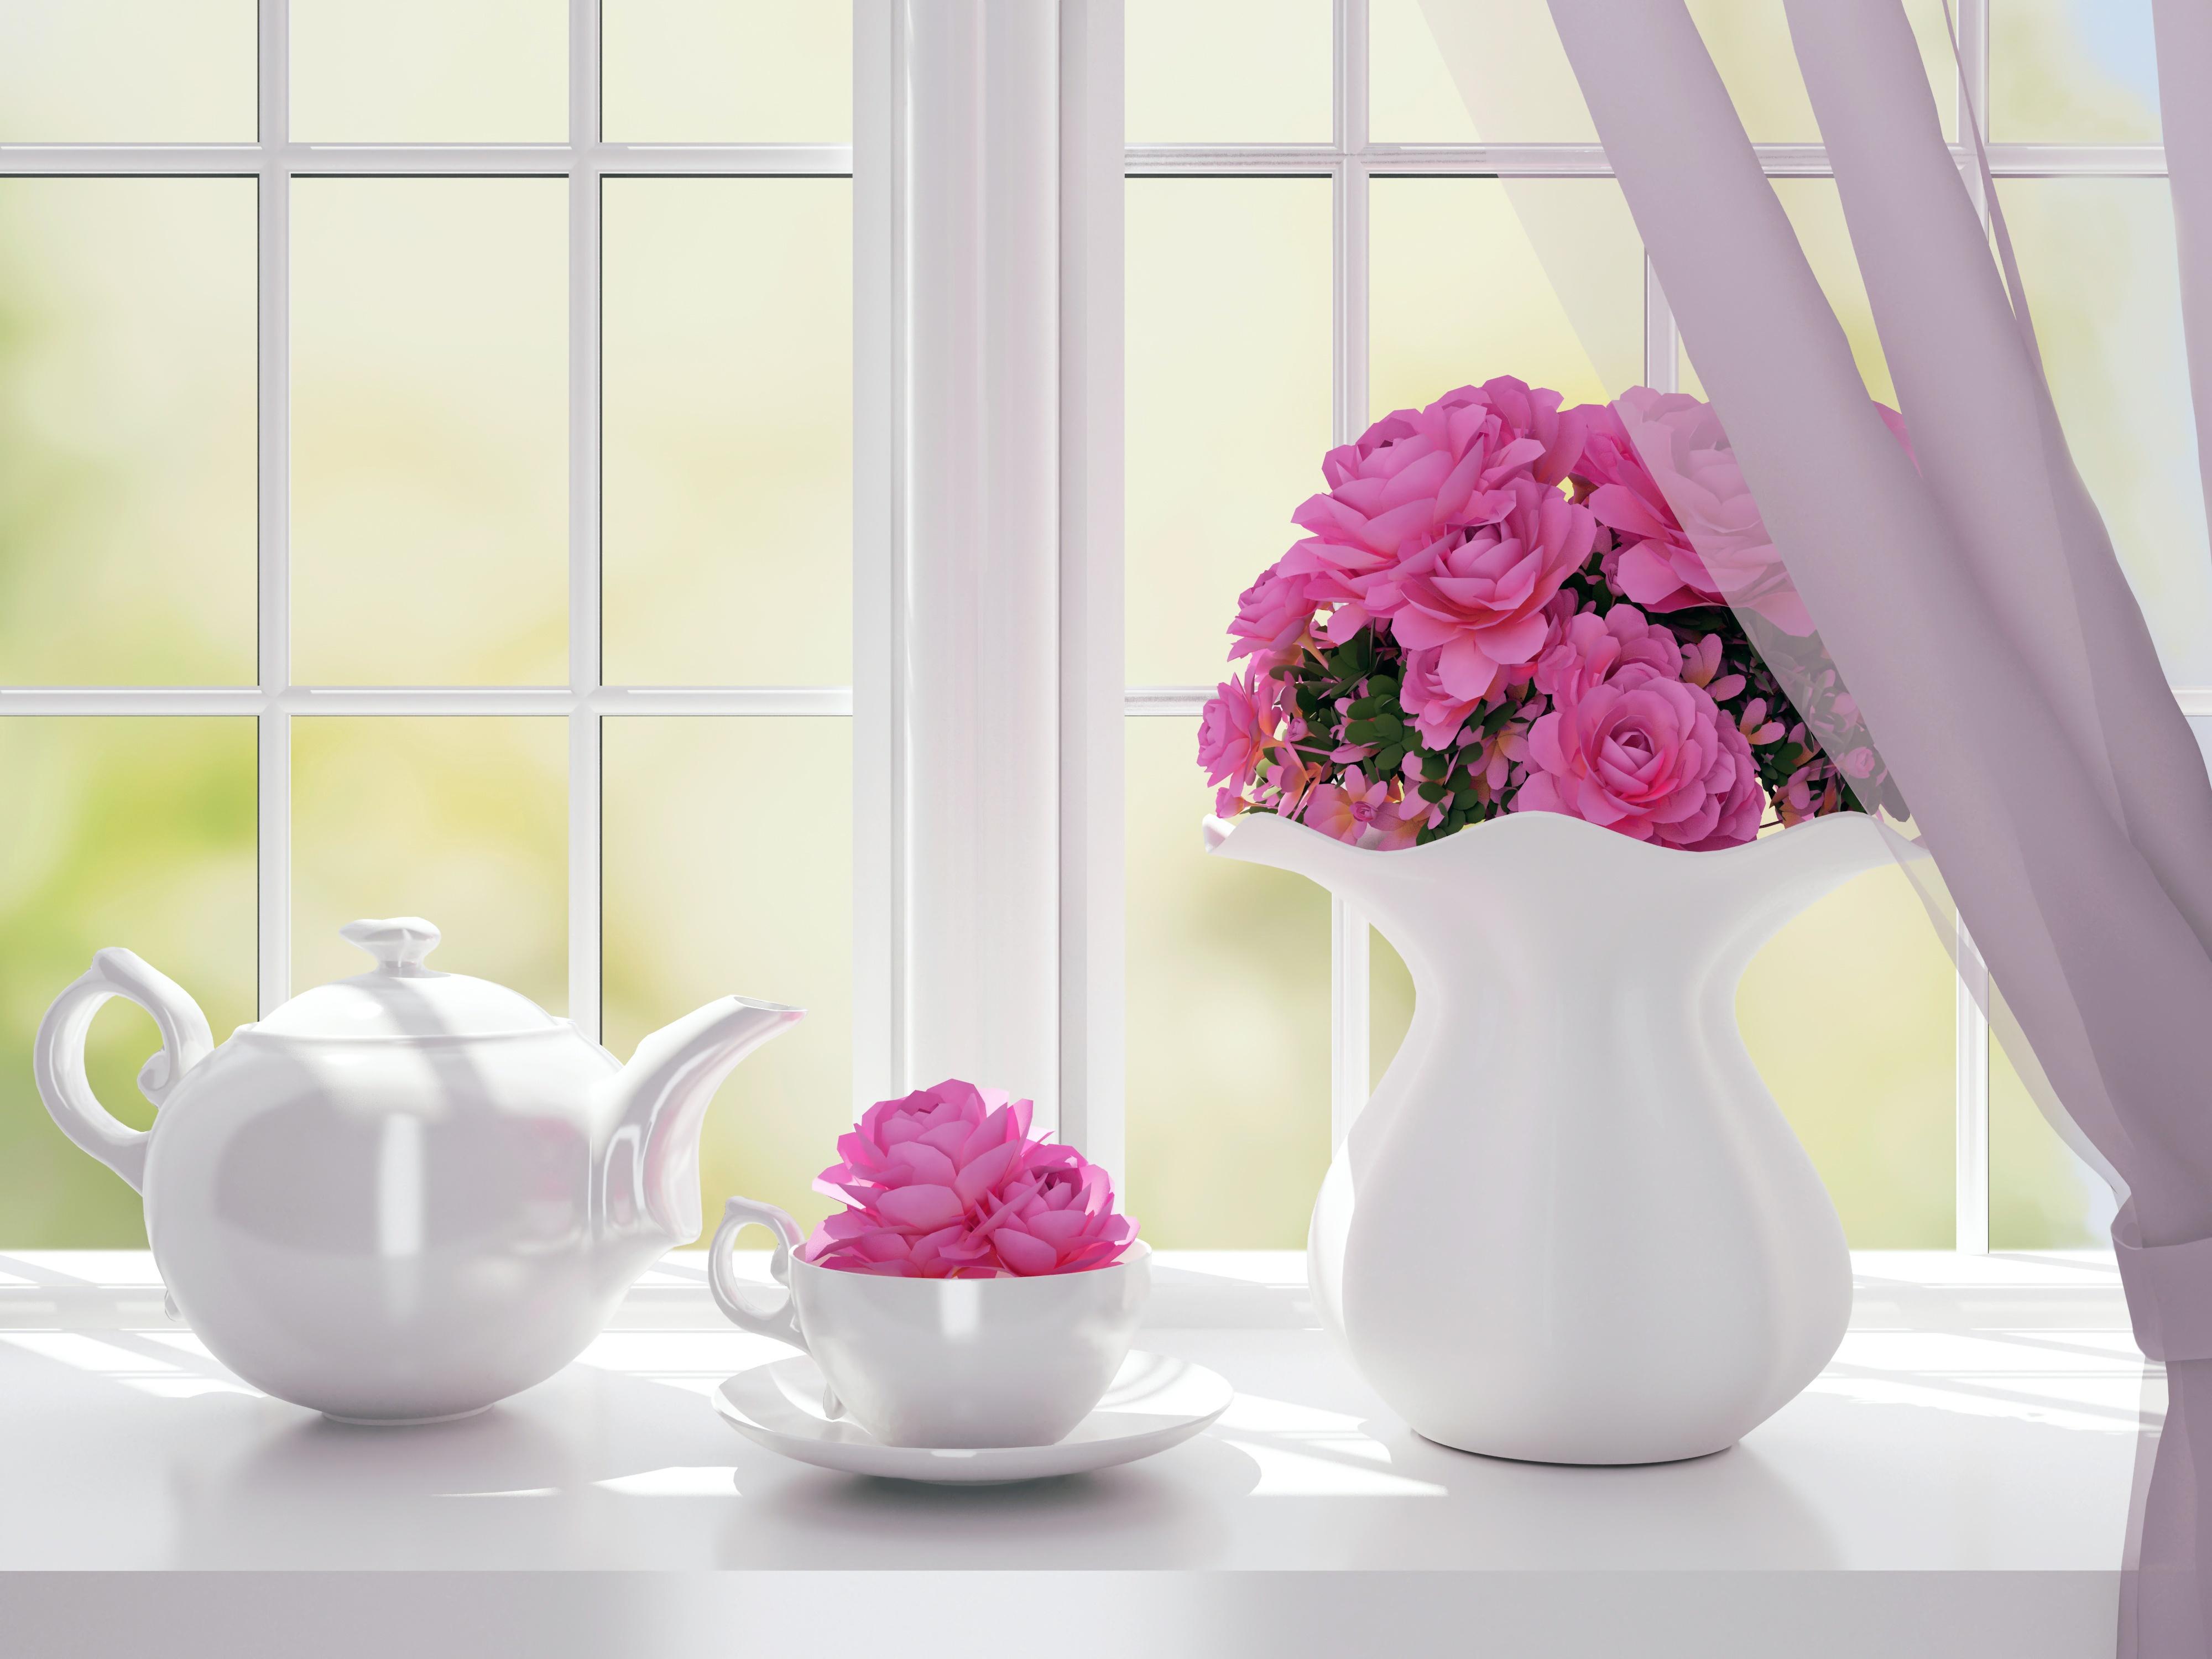 Открытки стол с вазой и цветами у окна, своими руками 2018